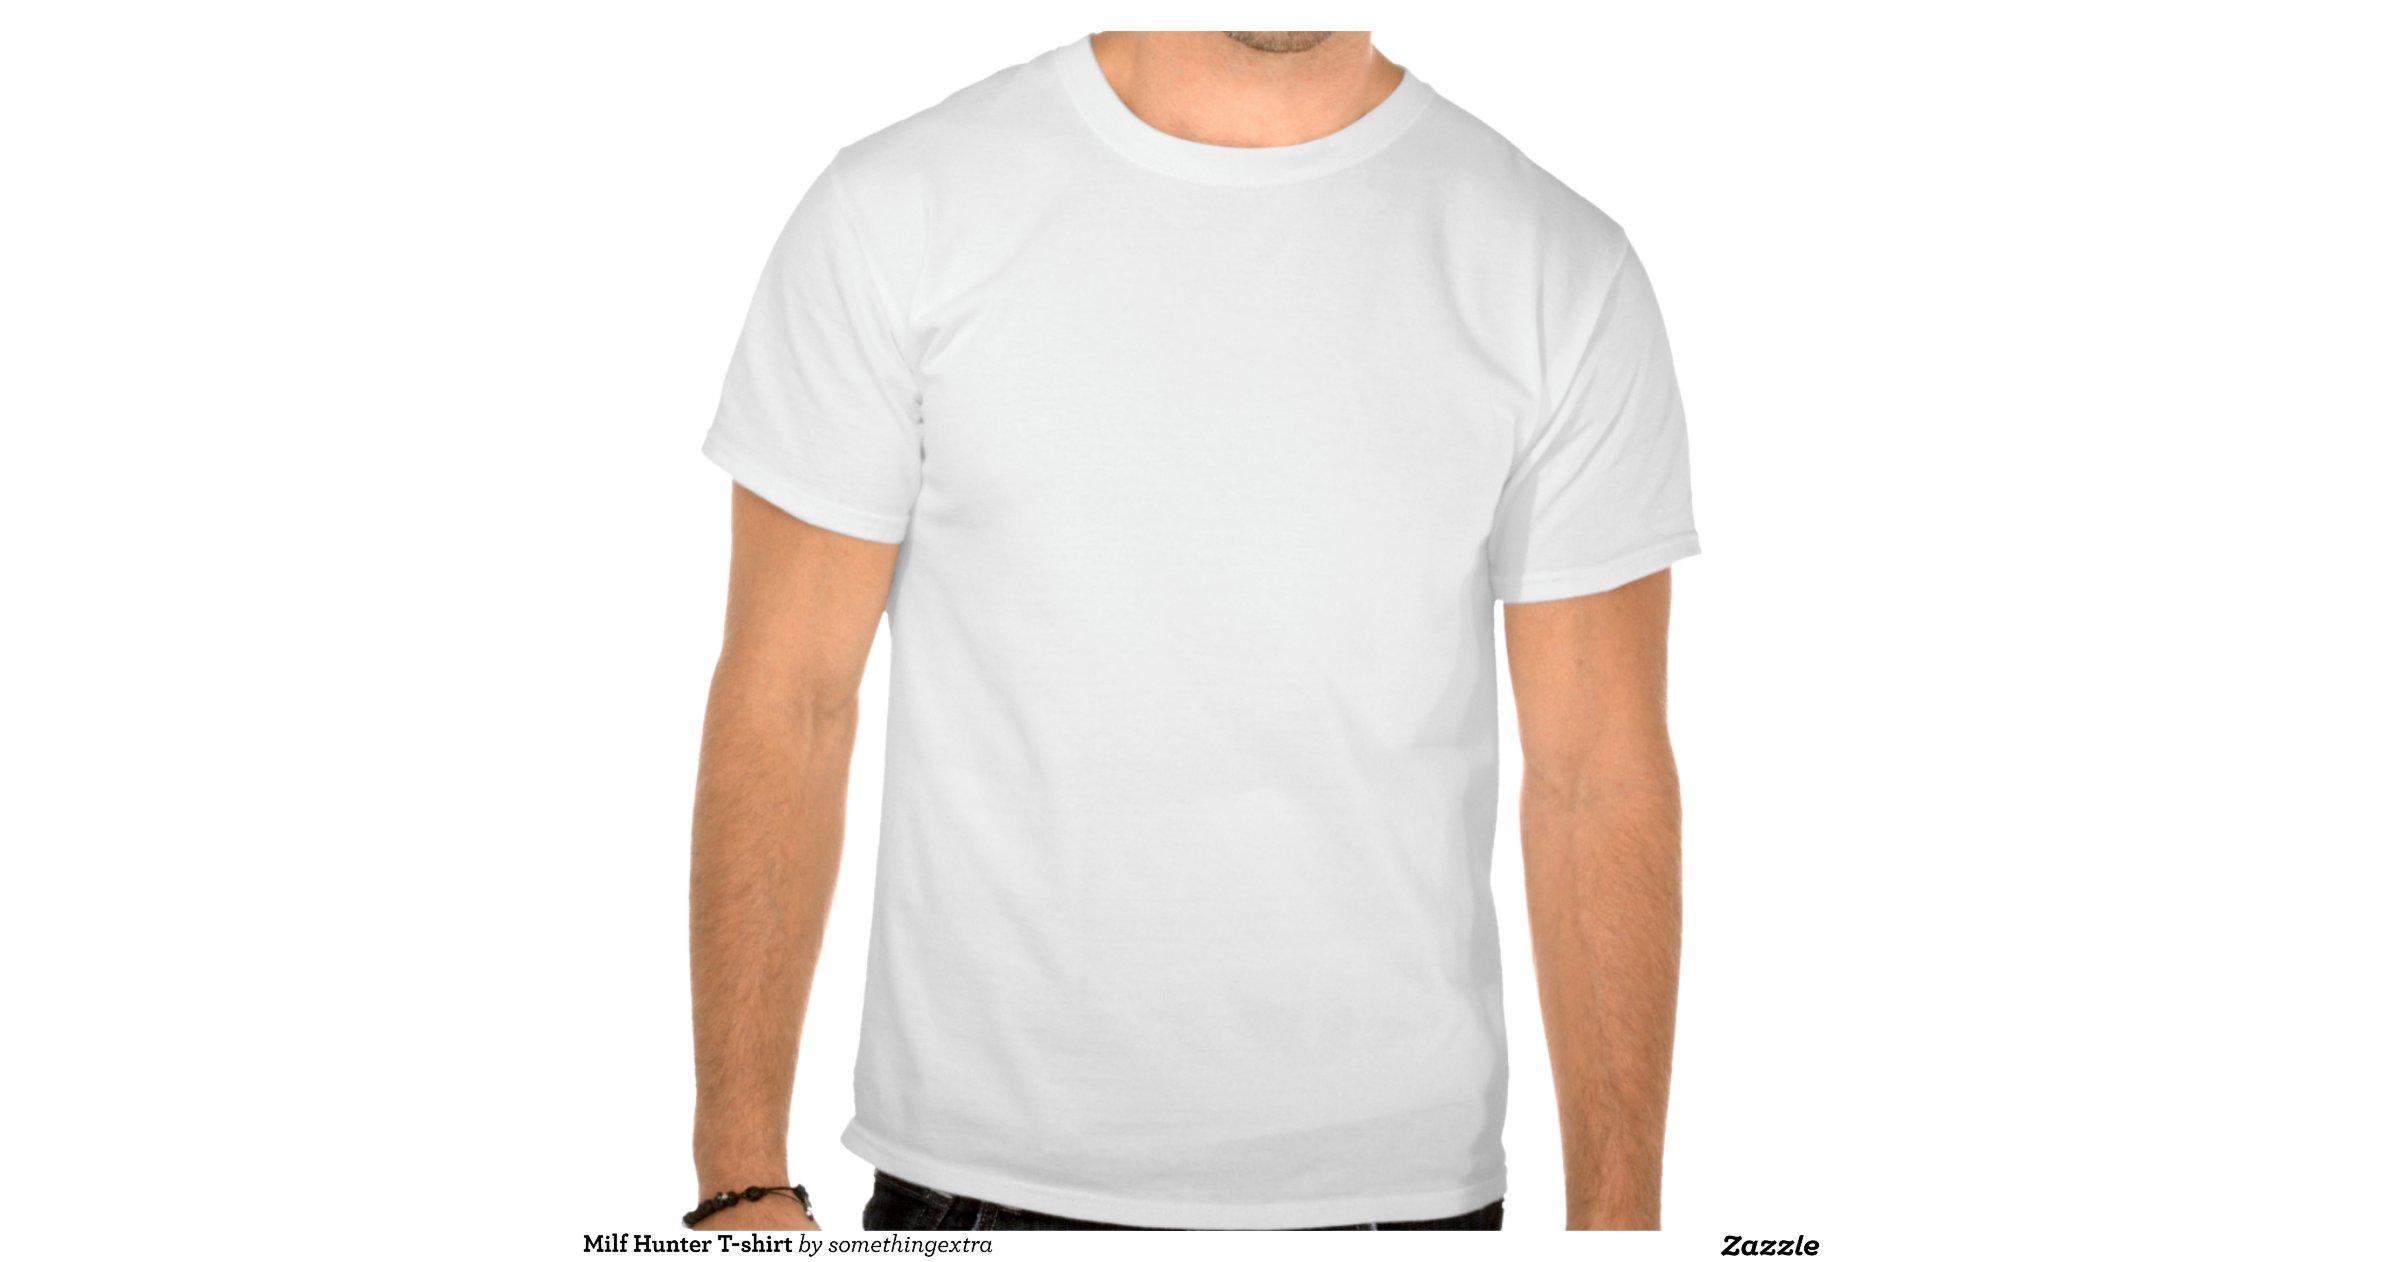 Milf Tshirt 74